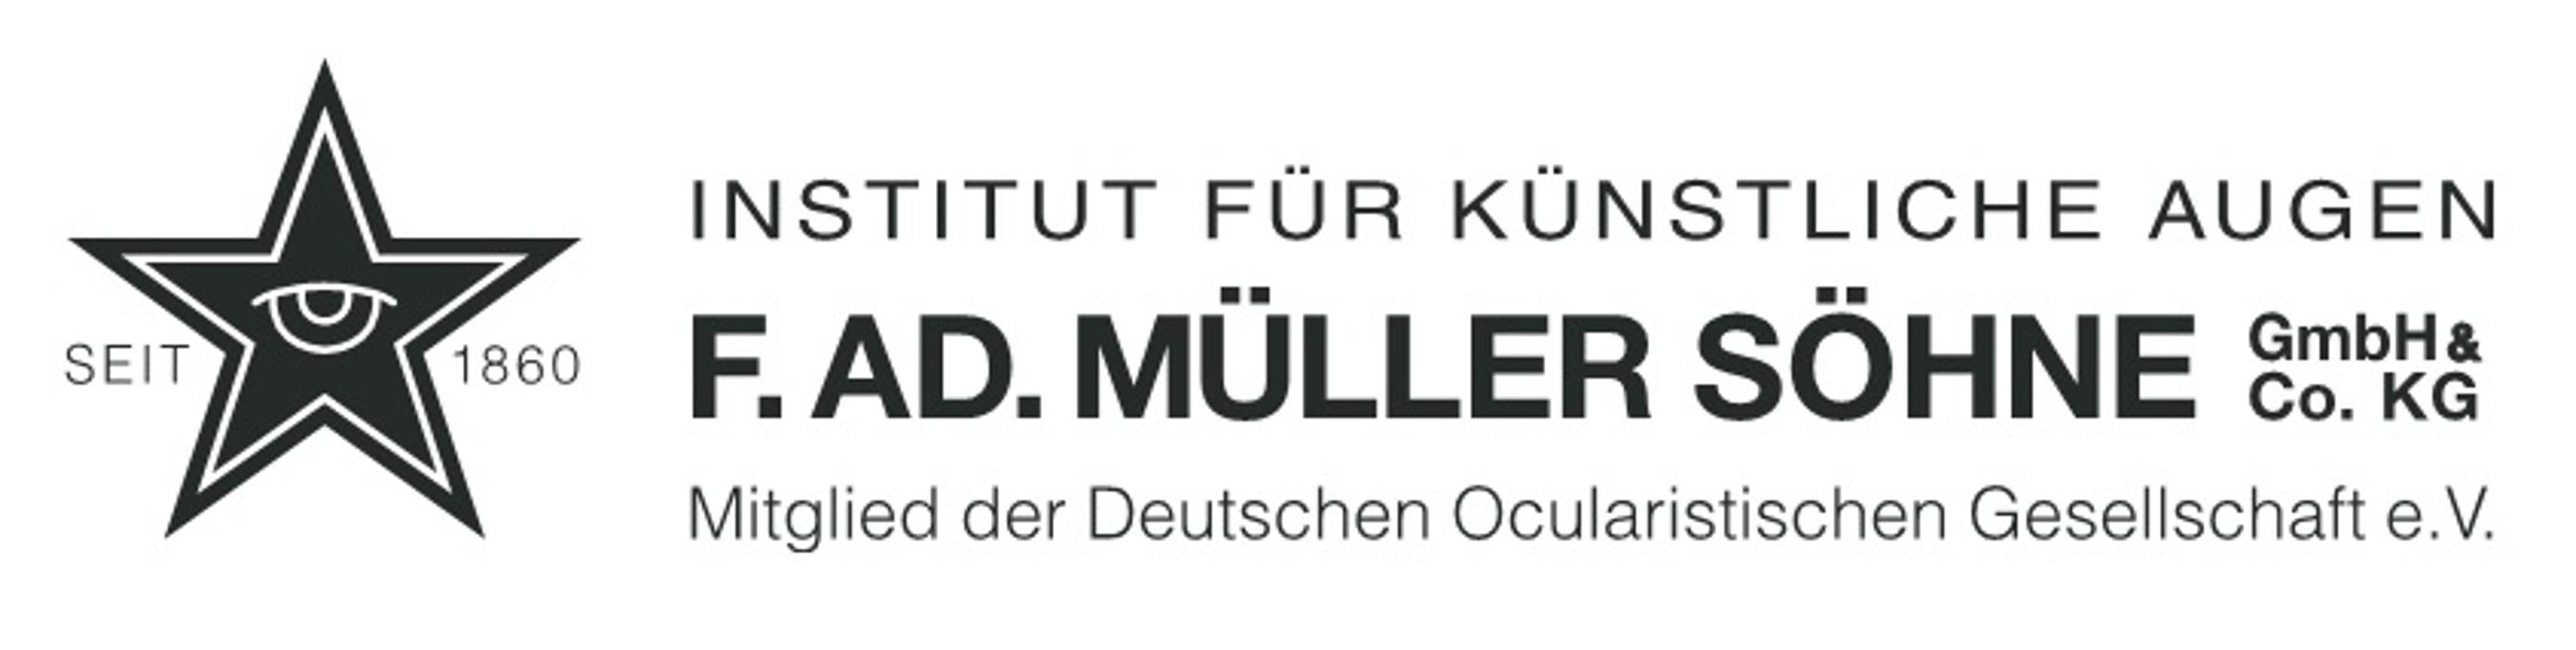 Bild zu F.AD. Müller Söhne GmbH & Co. KG in Wiesbaden